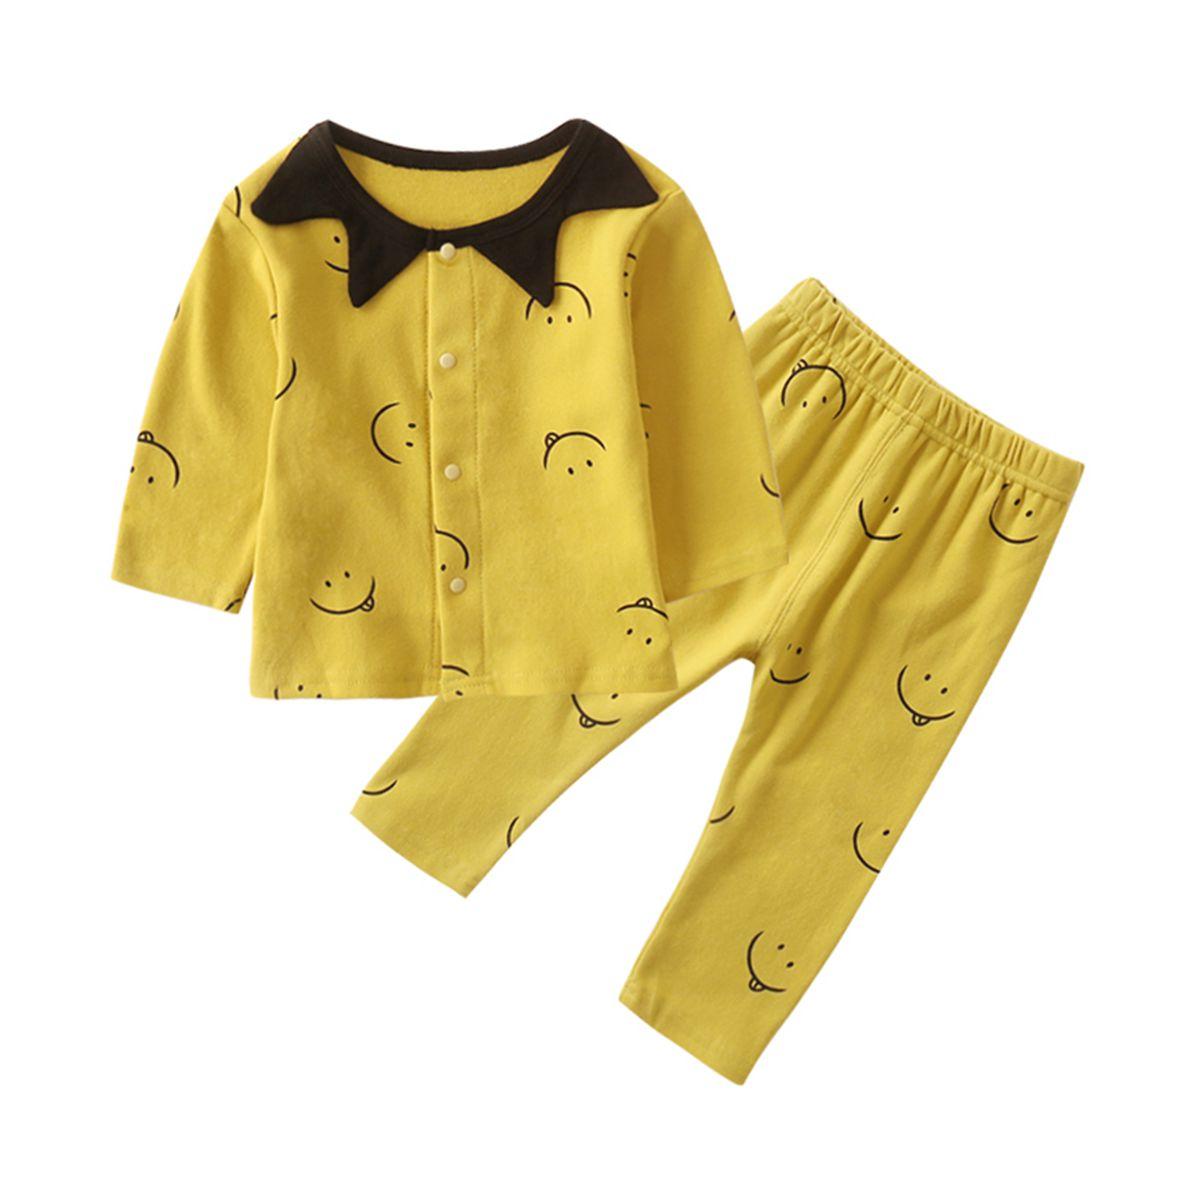 Одежда для младенцев Артикул 579979927592